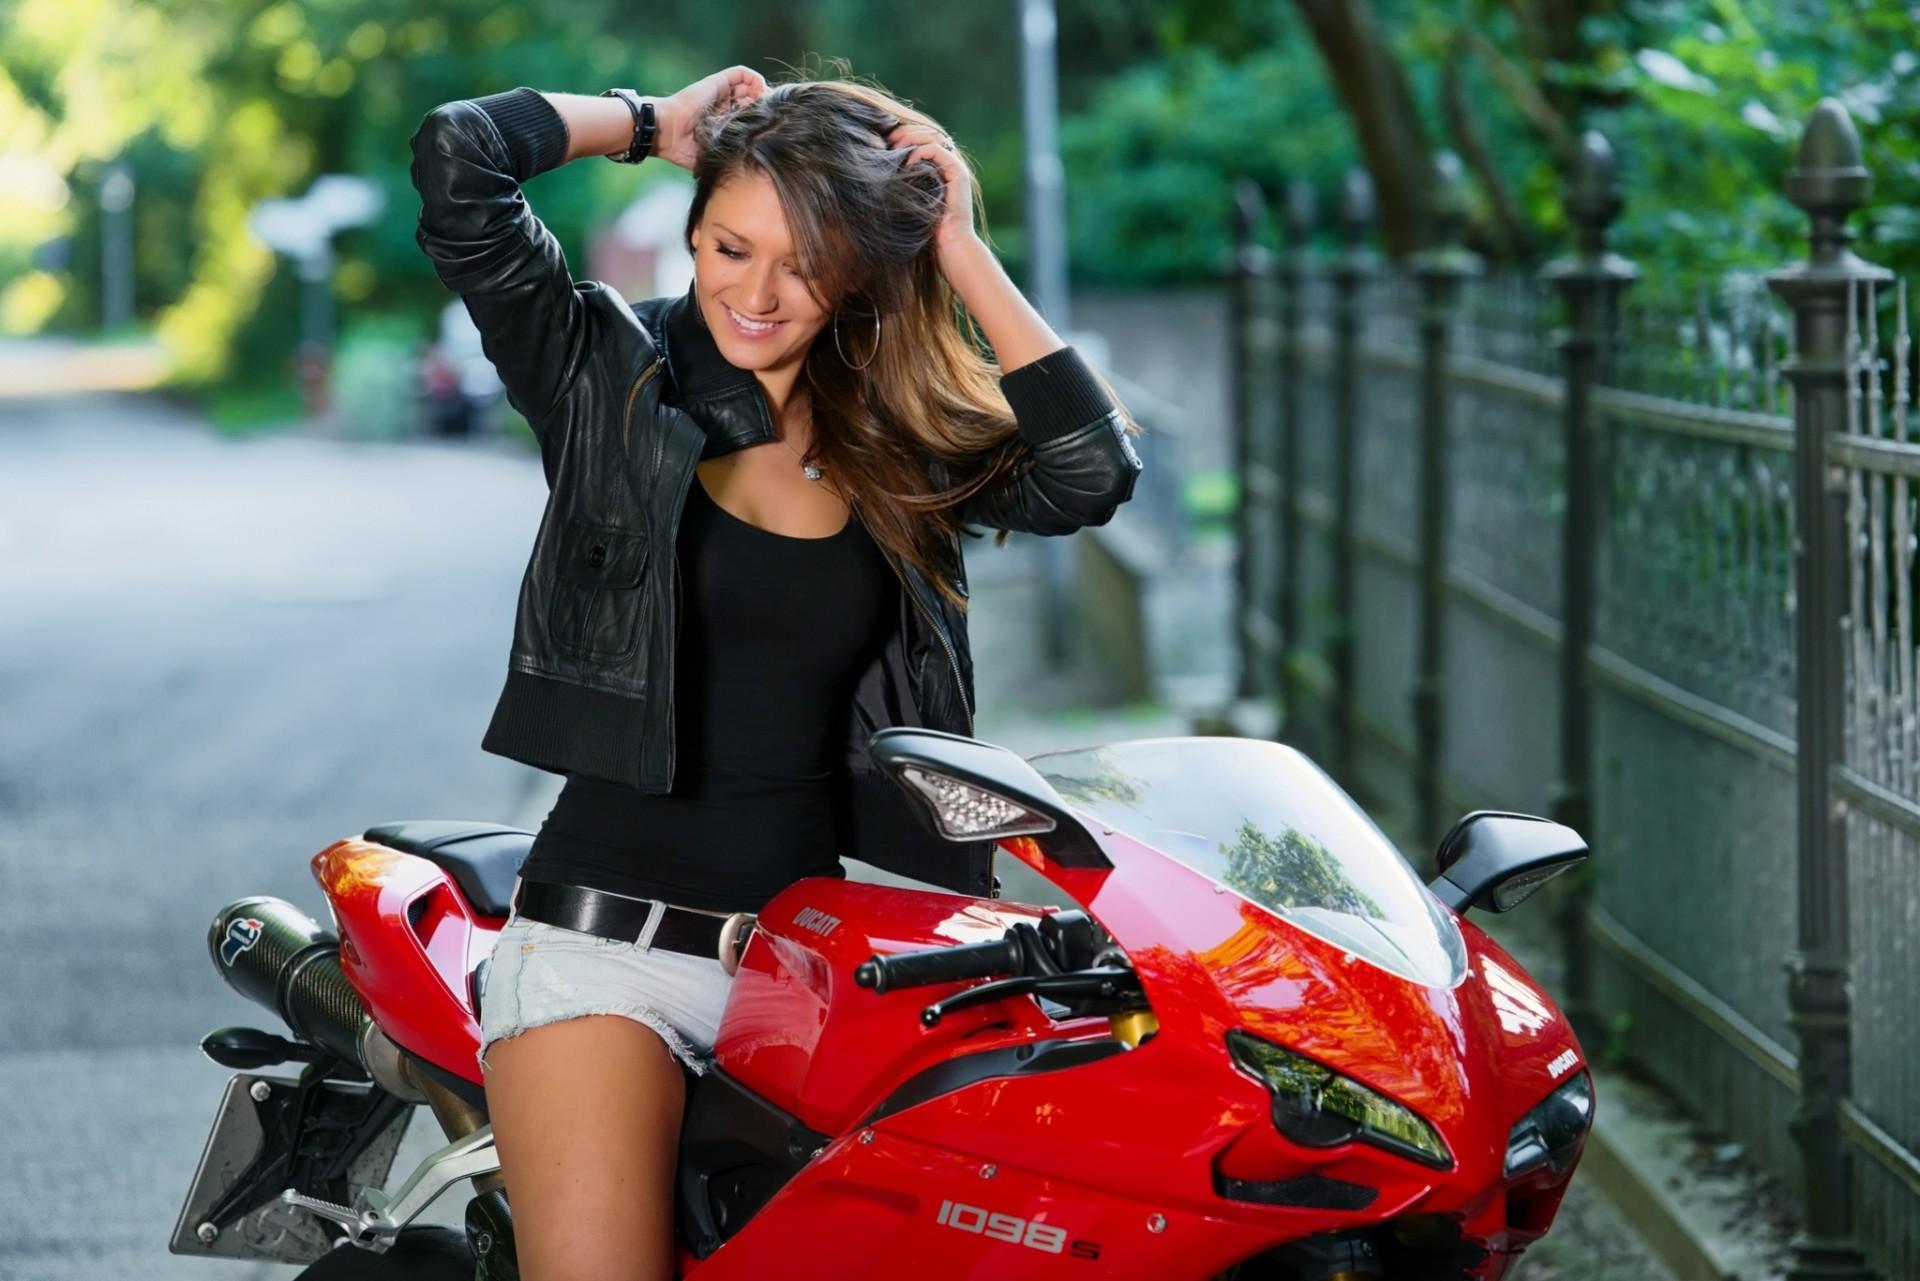 Фото девушек на байках, Прекрасные девушки на шикарных мотоциклах (80 фото) 26 фотография